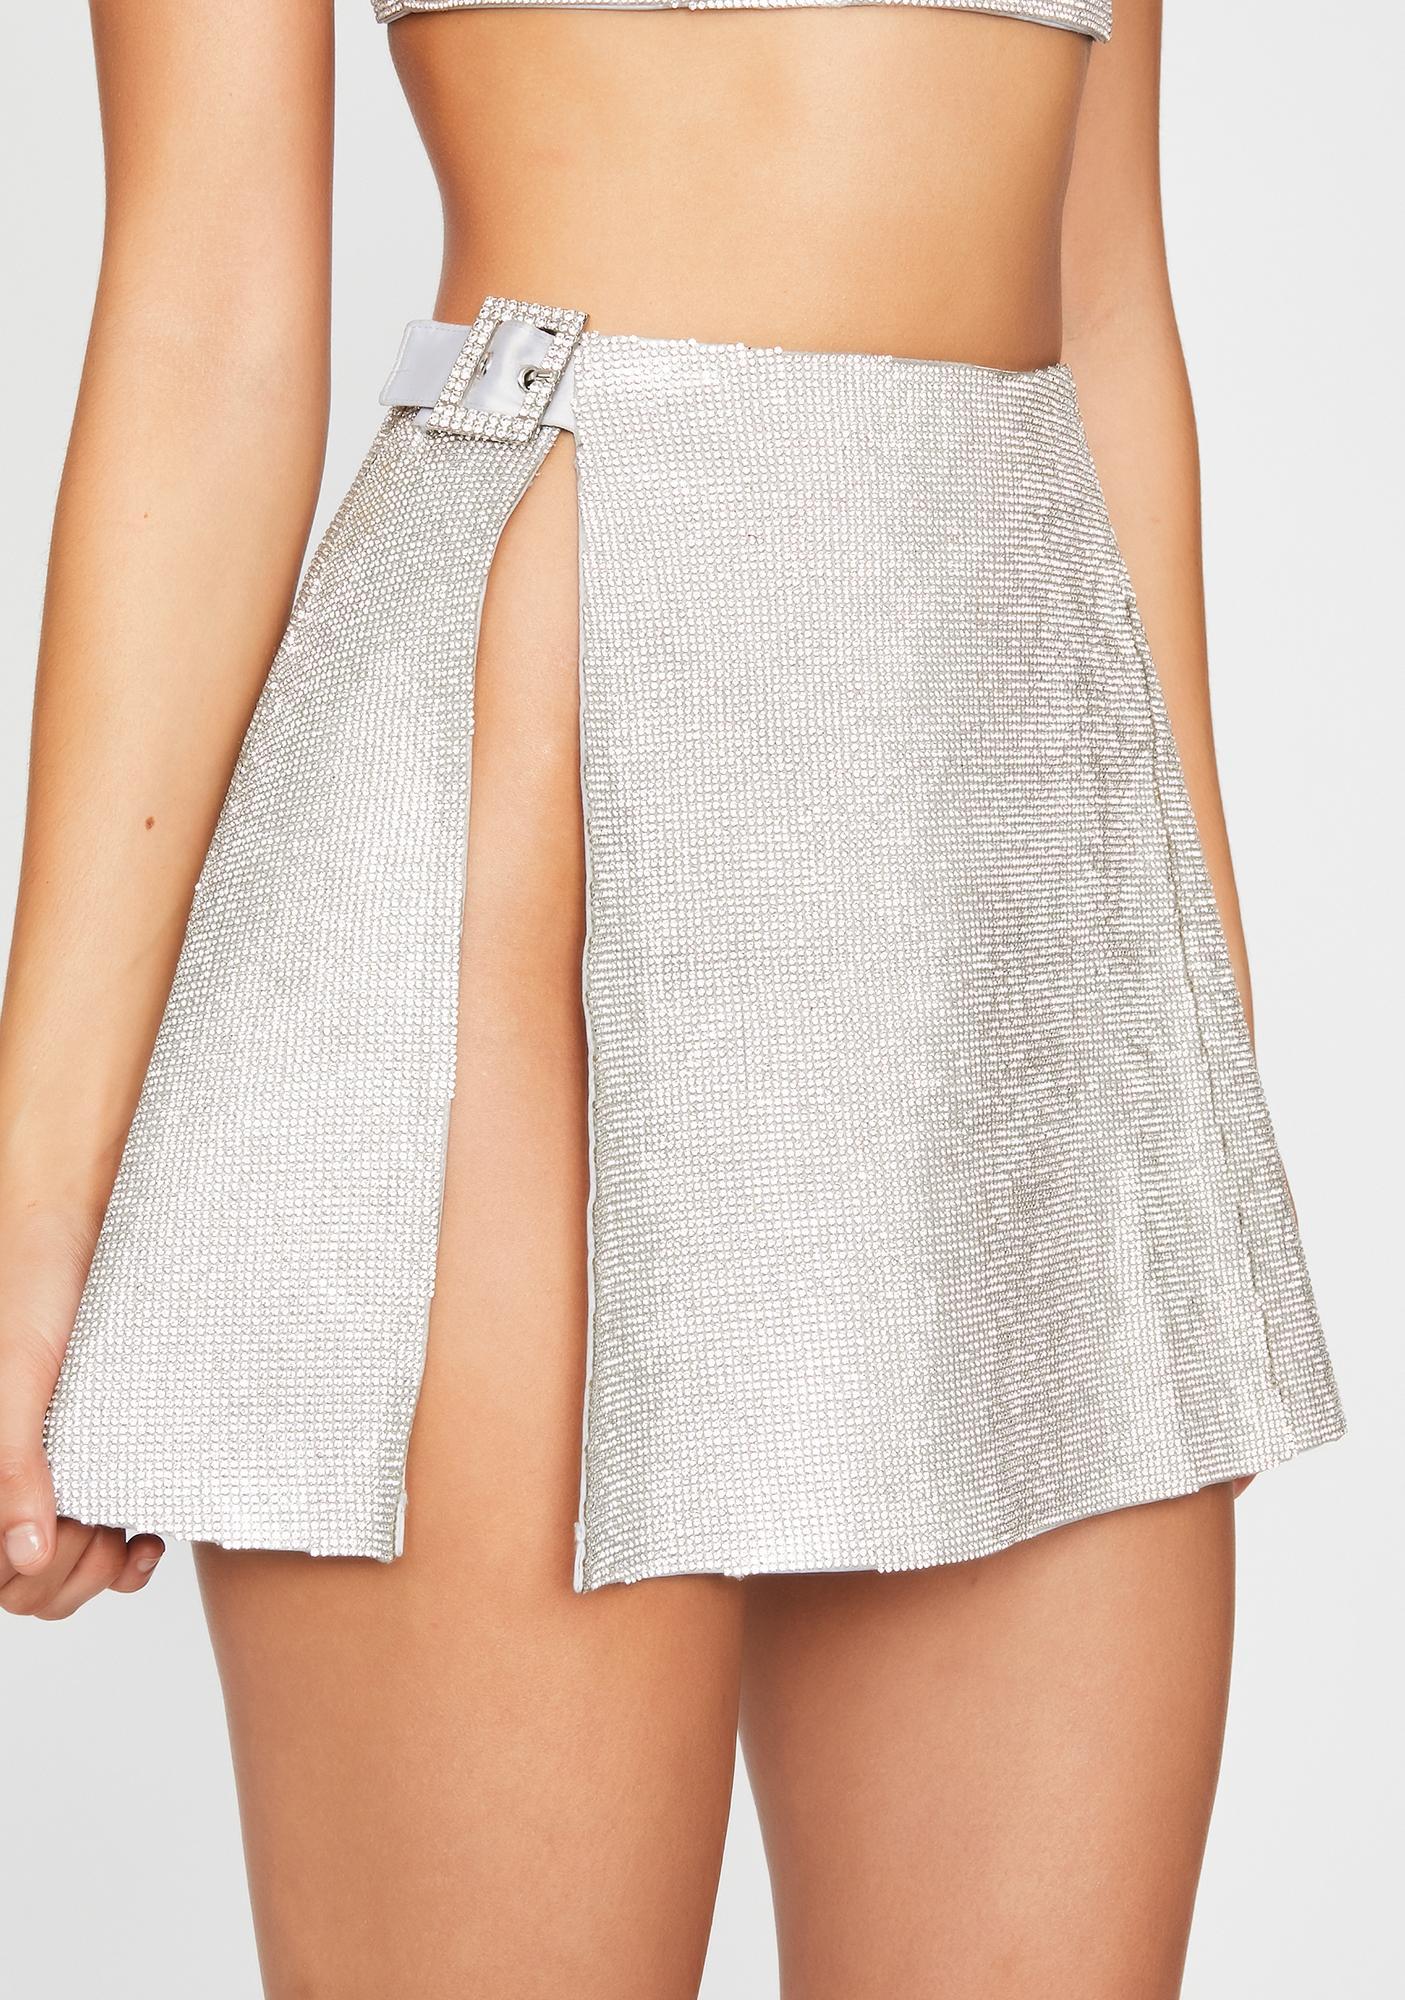 crystalline-control-rhinestone-skirt by horoscopez